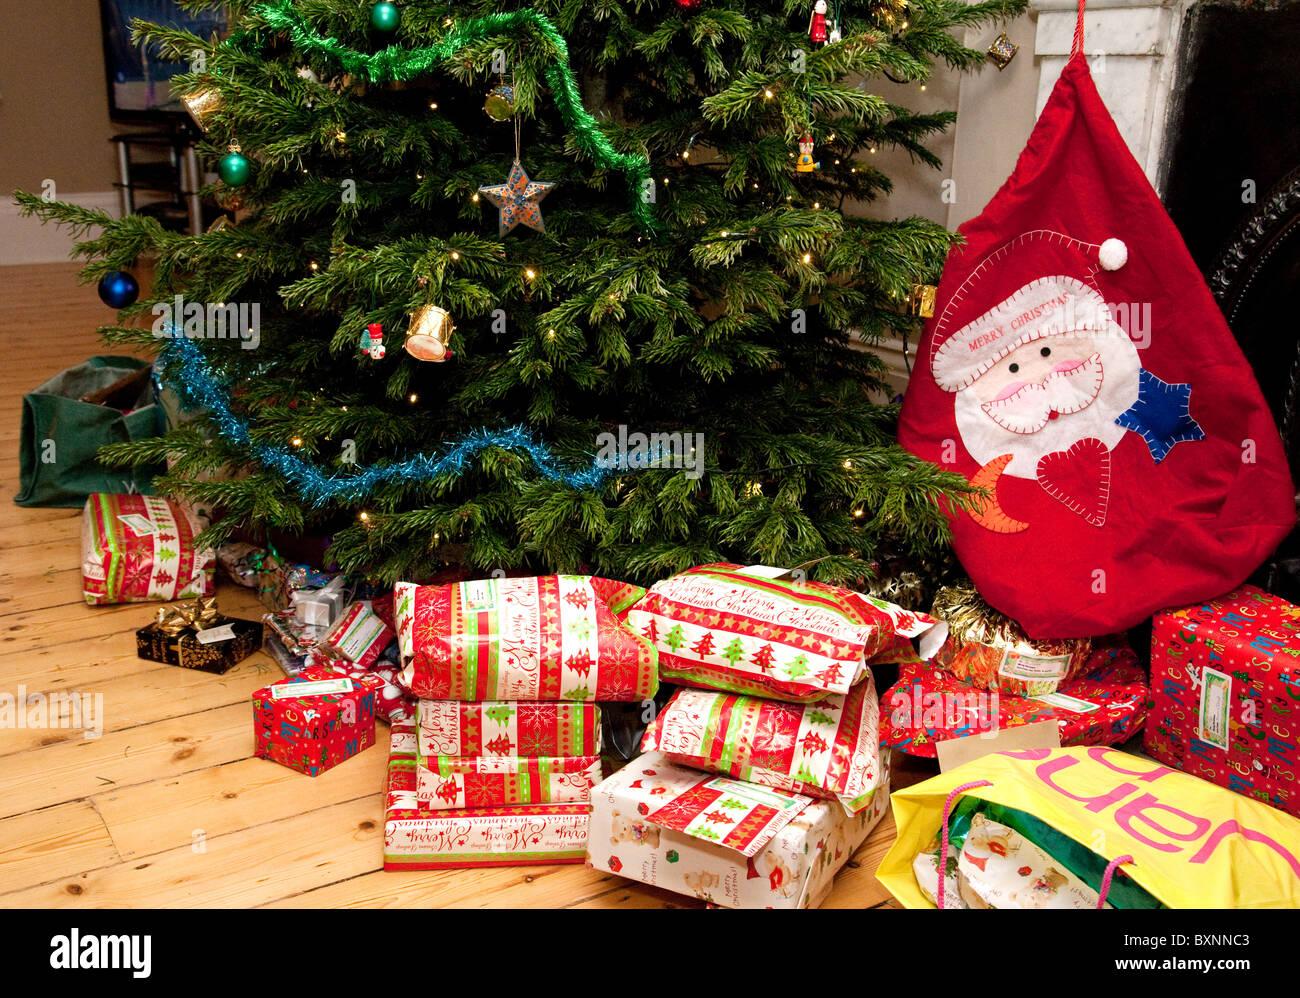 Regali Di Natale Per Casa.I Regali Di Natale E Calza Attorno A Un Albero Di Natale In Una Casa